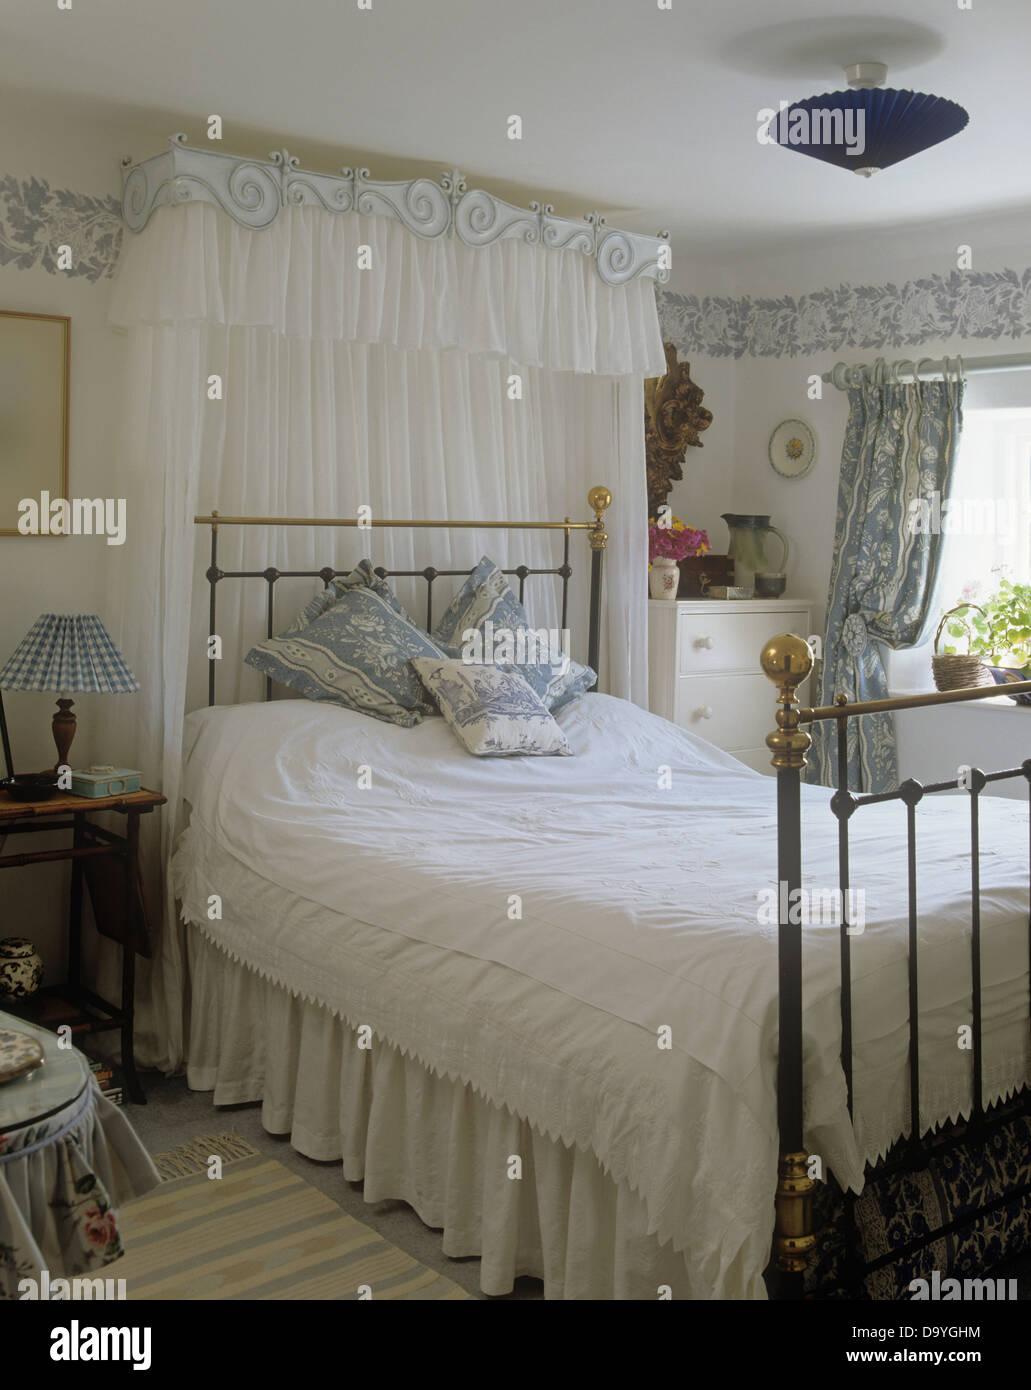 Baldachin mit weißen Voile Vorhänge über Messingbett mit weißer ...